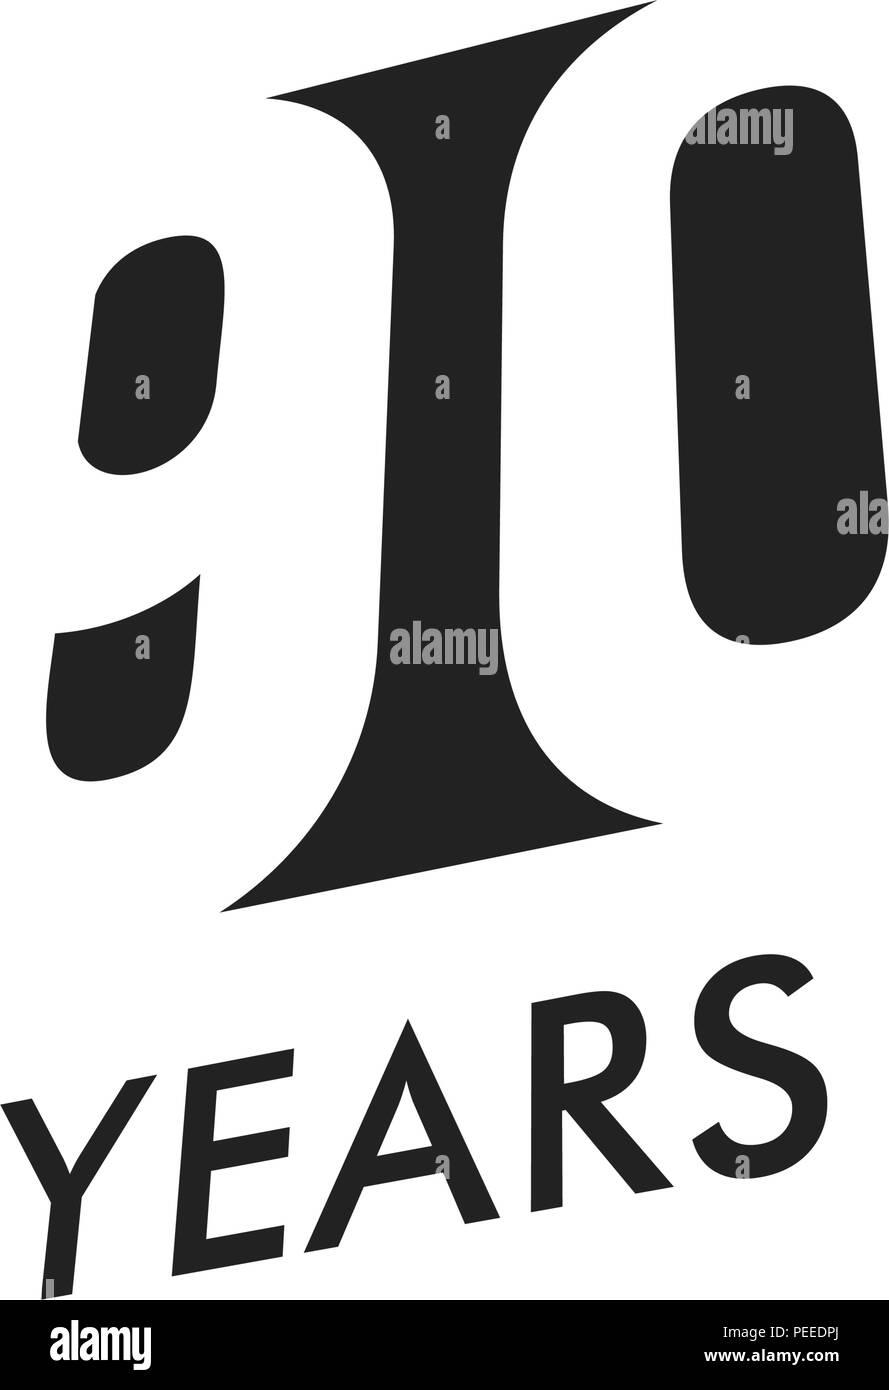 90 Jahre vector Emblem Vorlage. Jahrestag Symbol, negative Space Design. Jubiläum schwarze Farbe Symbol. Happy 90th birthday, abstrakte Darstellung. Stockbild